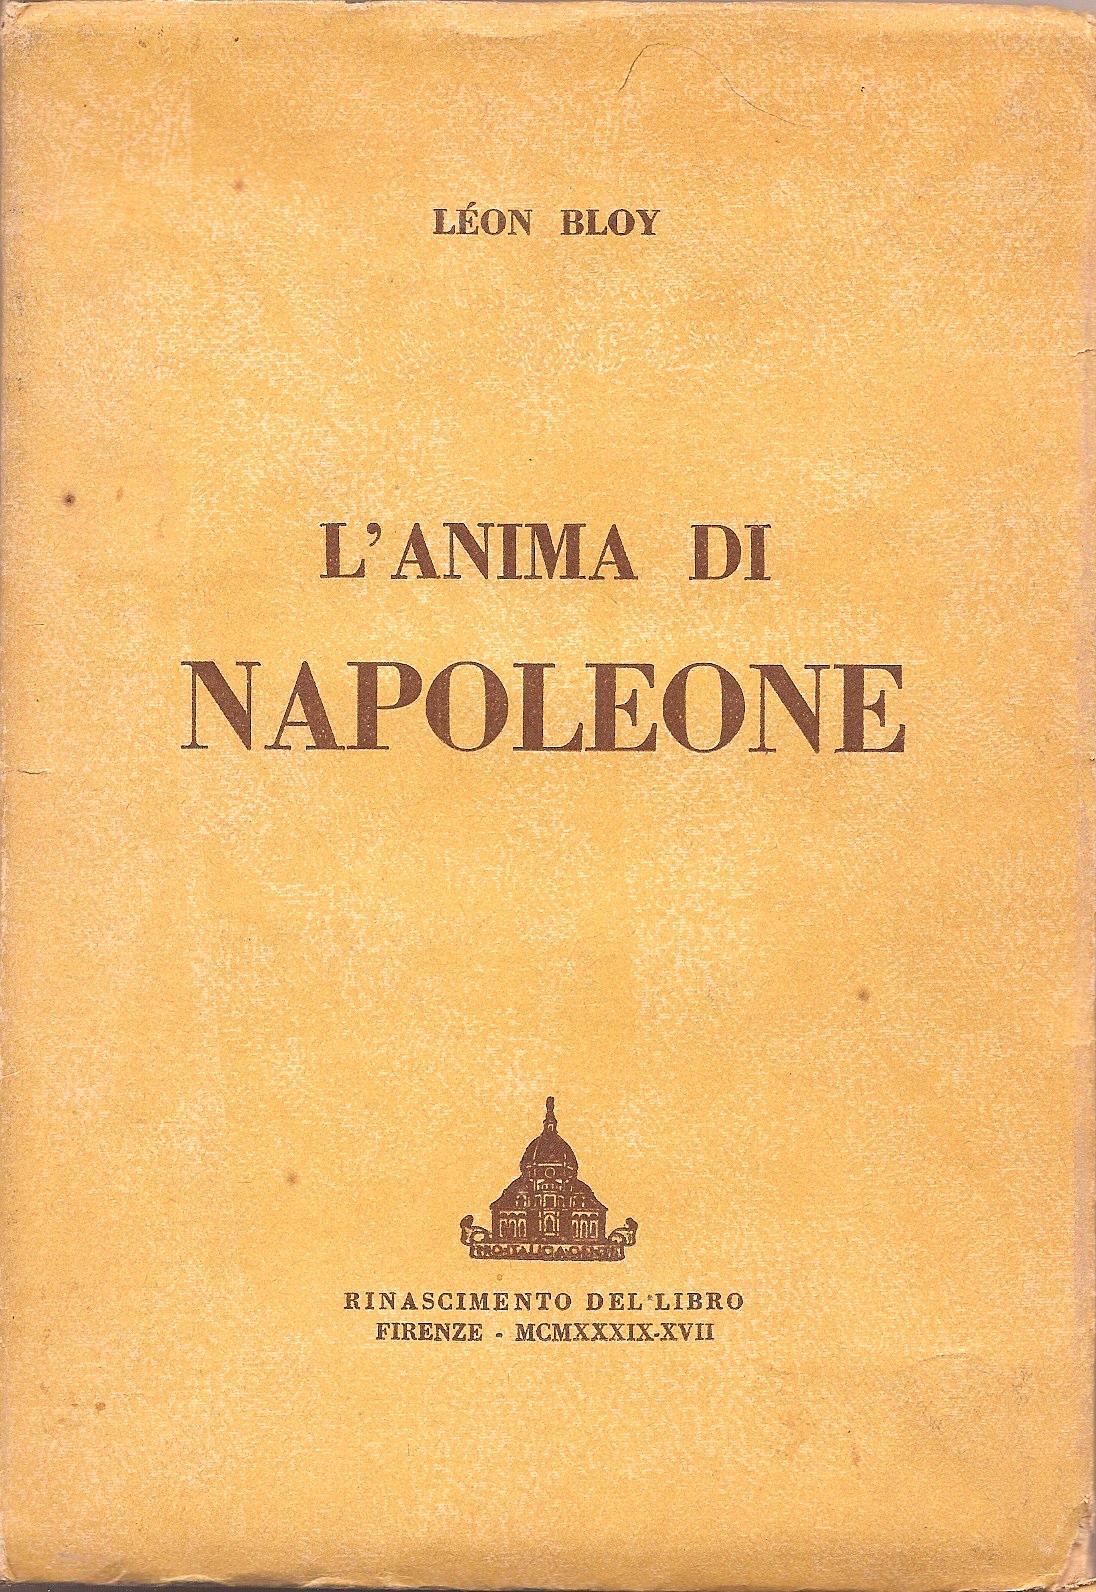 L'anima di napoleone